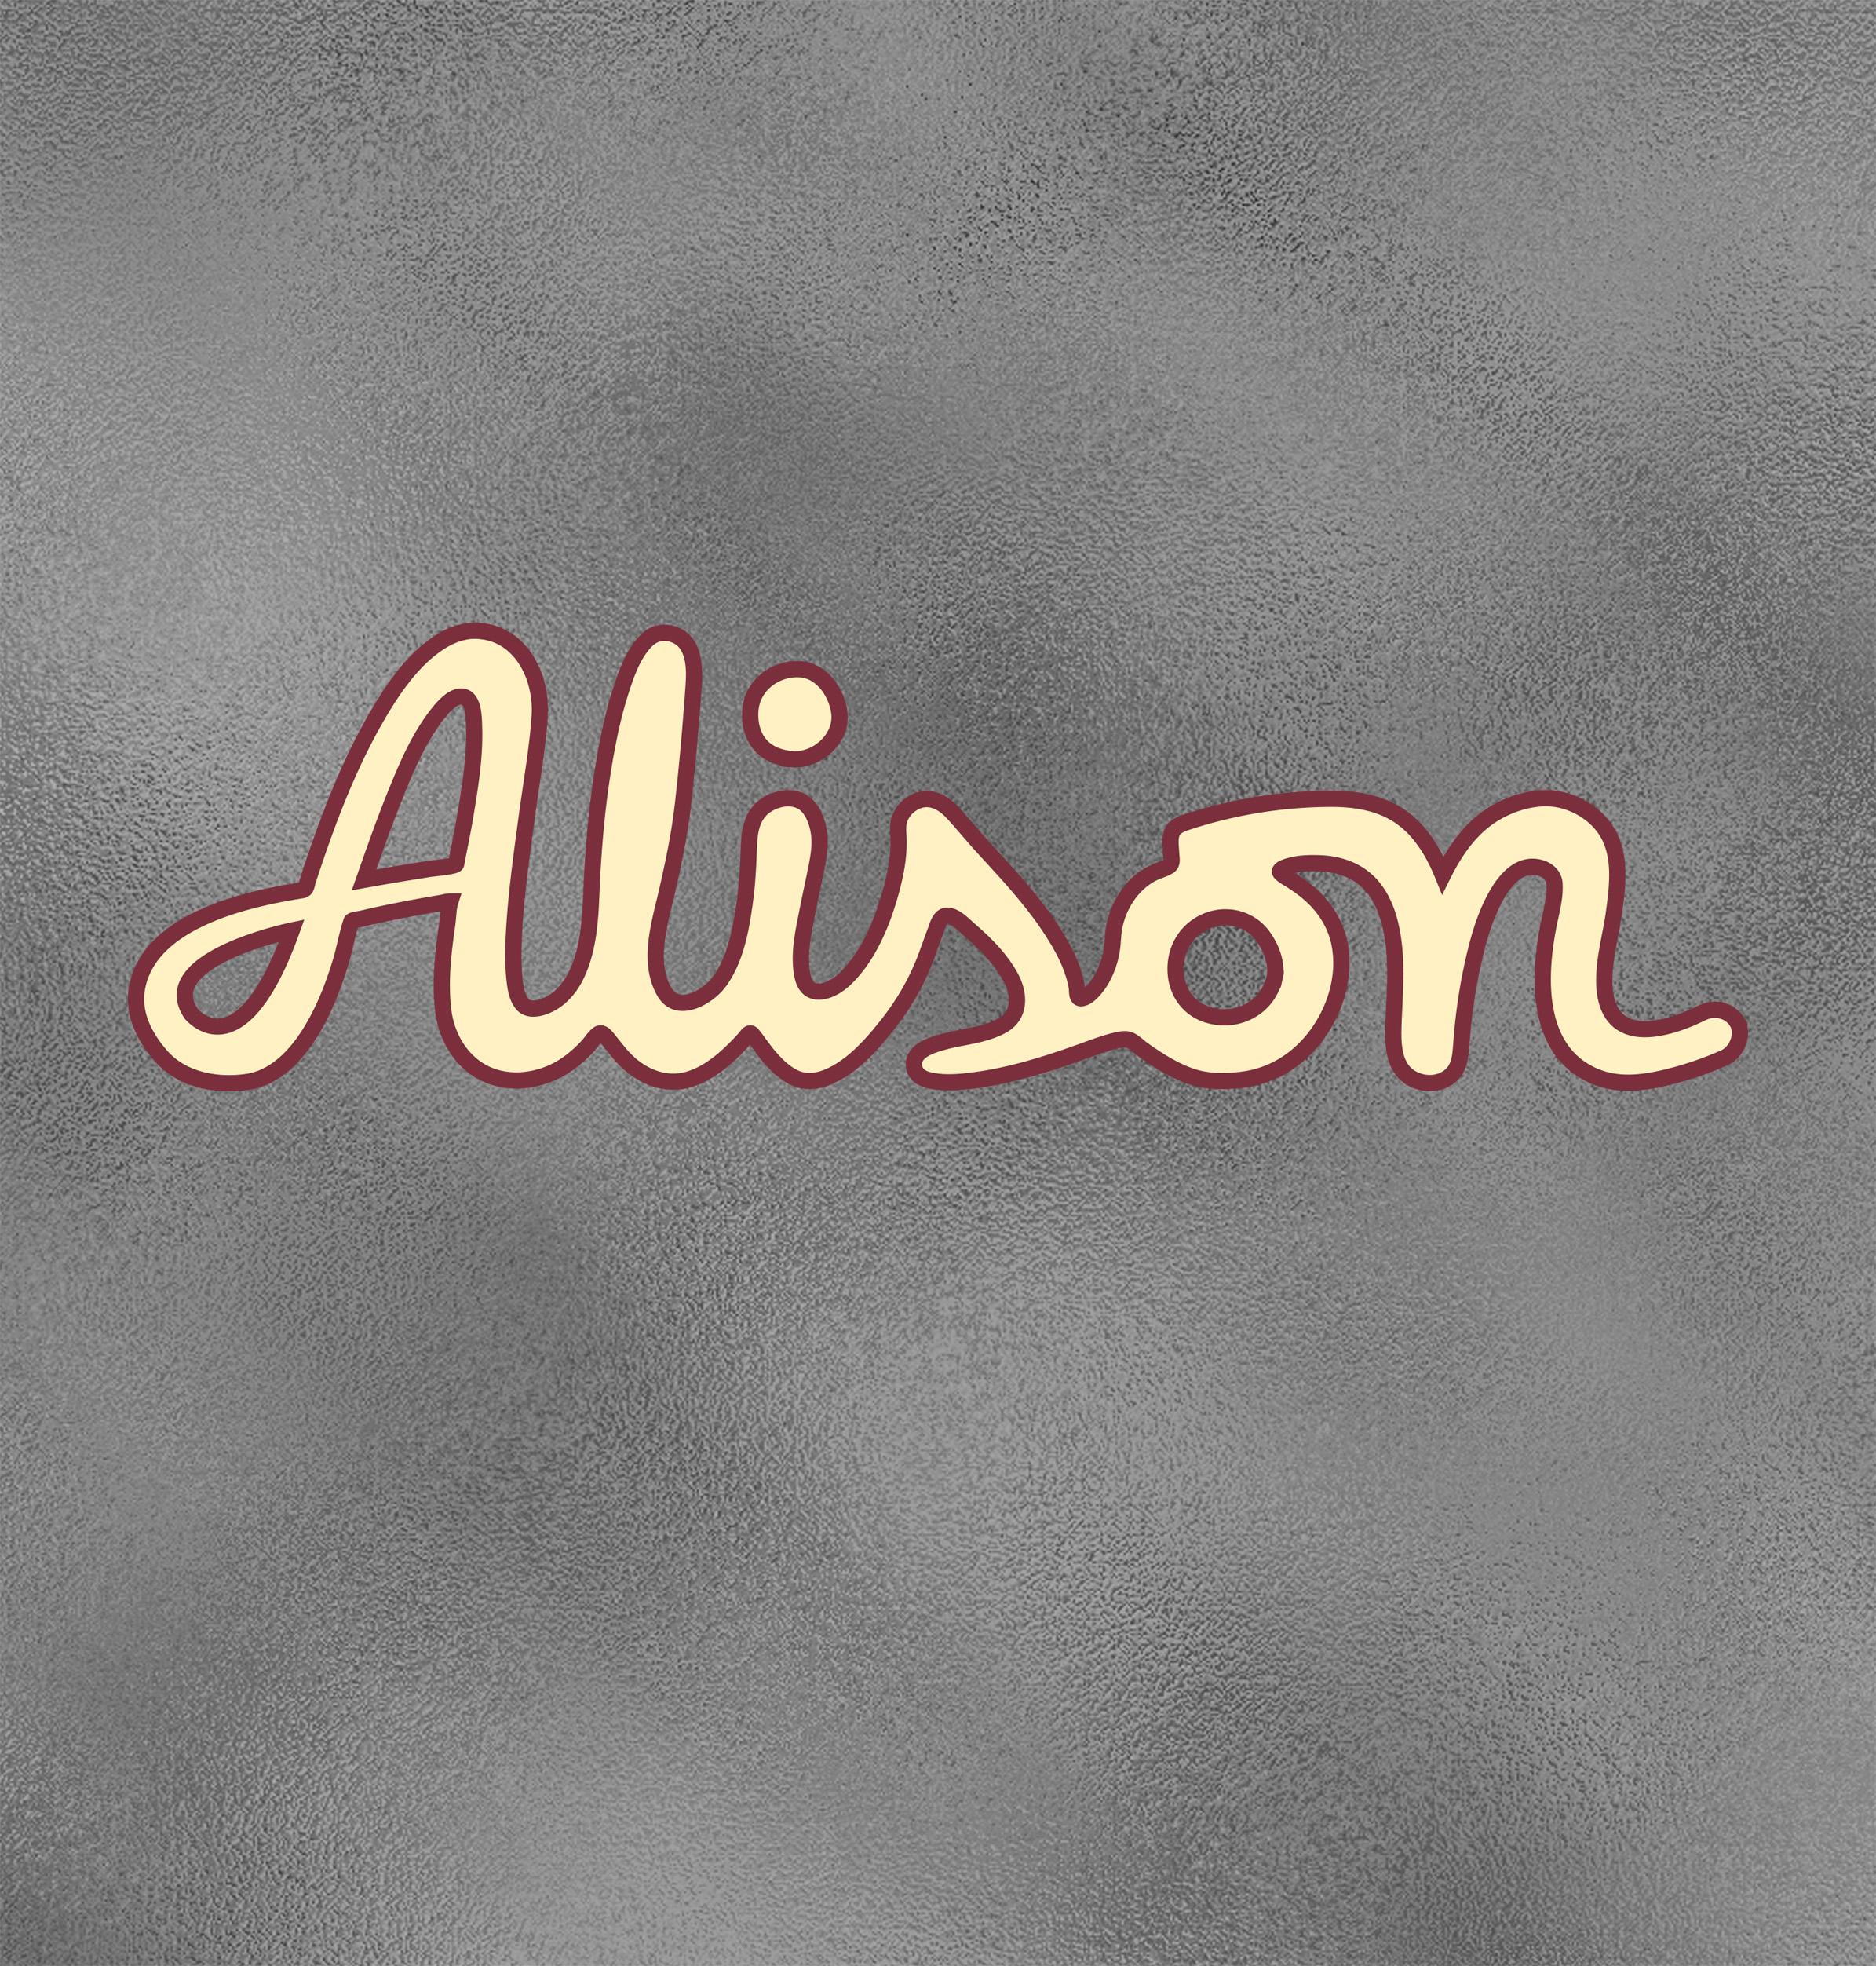 Decals_alison_wordmark.jpg